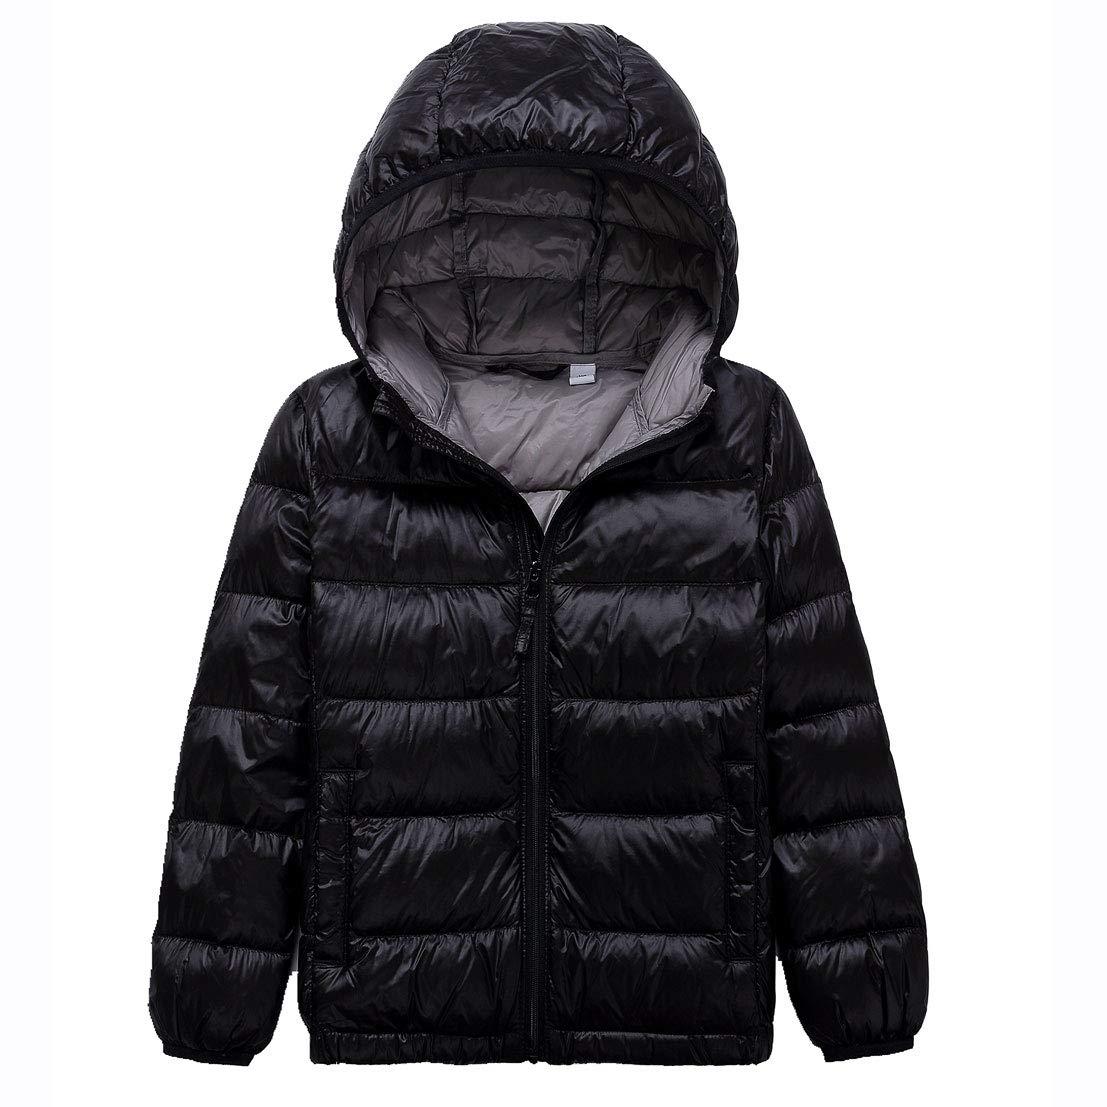 LANBAOSI Kids Winter Lightweight Puffer Jacket Boys Girls Packable Down Jacket with Hood Warm Children Coats